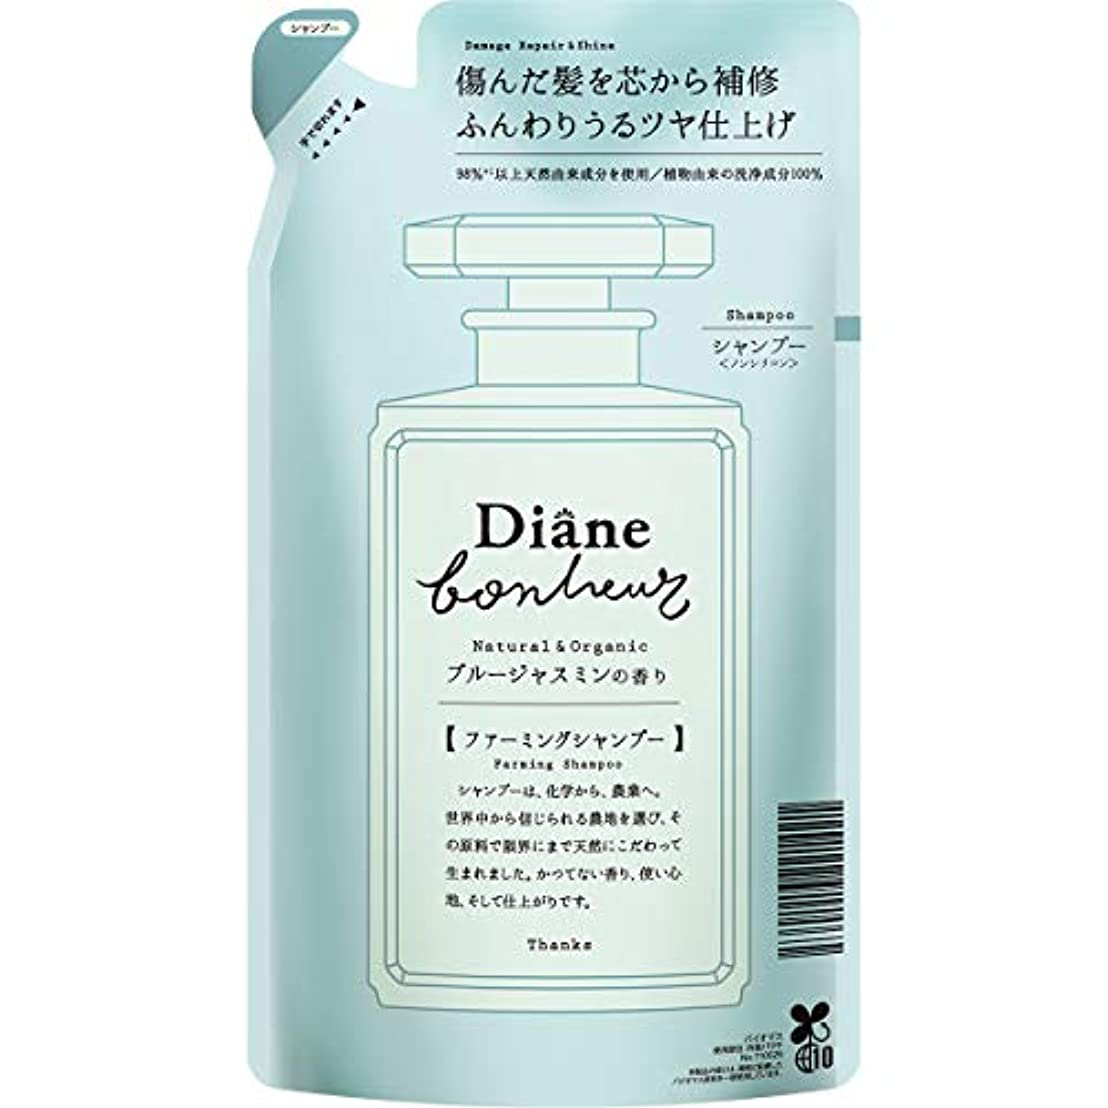 ダイヤル解決受取人ダイアン ボヌール シャンプー ブルージャスミンの香り ダメージリペア&シャイン 詰め替え 400ml